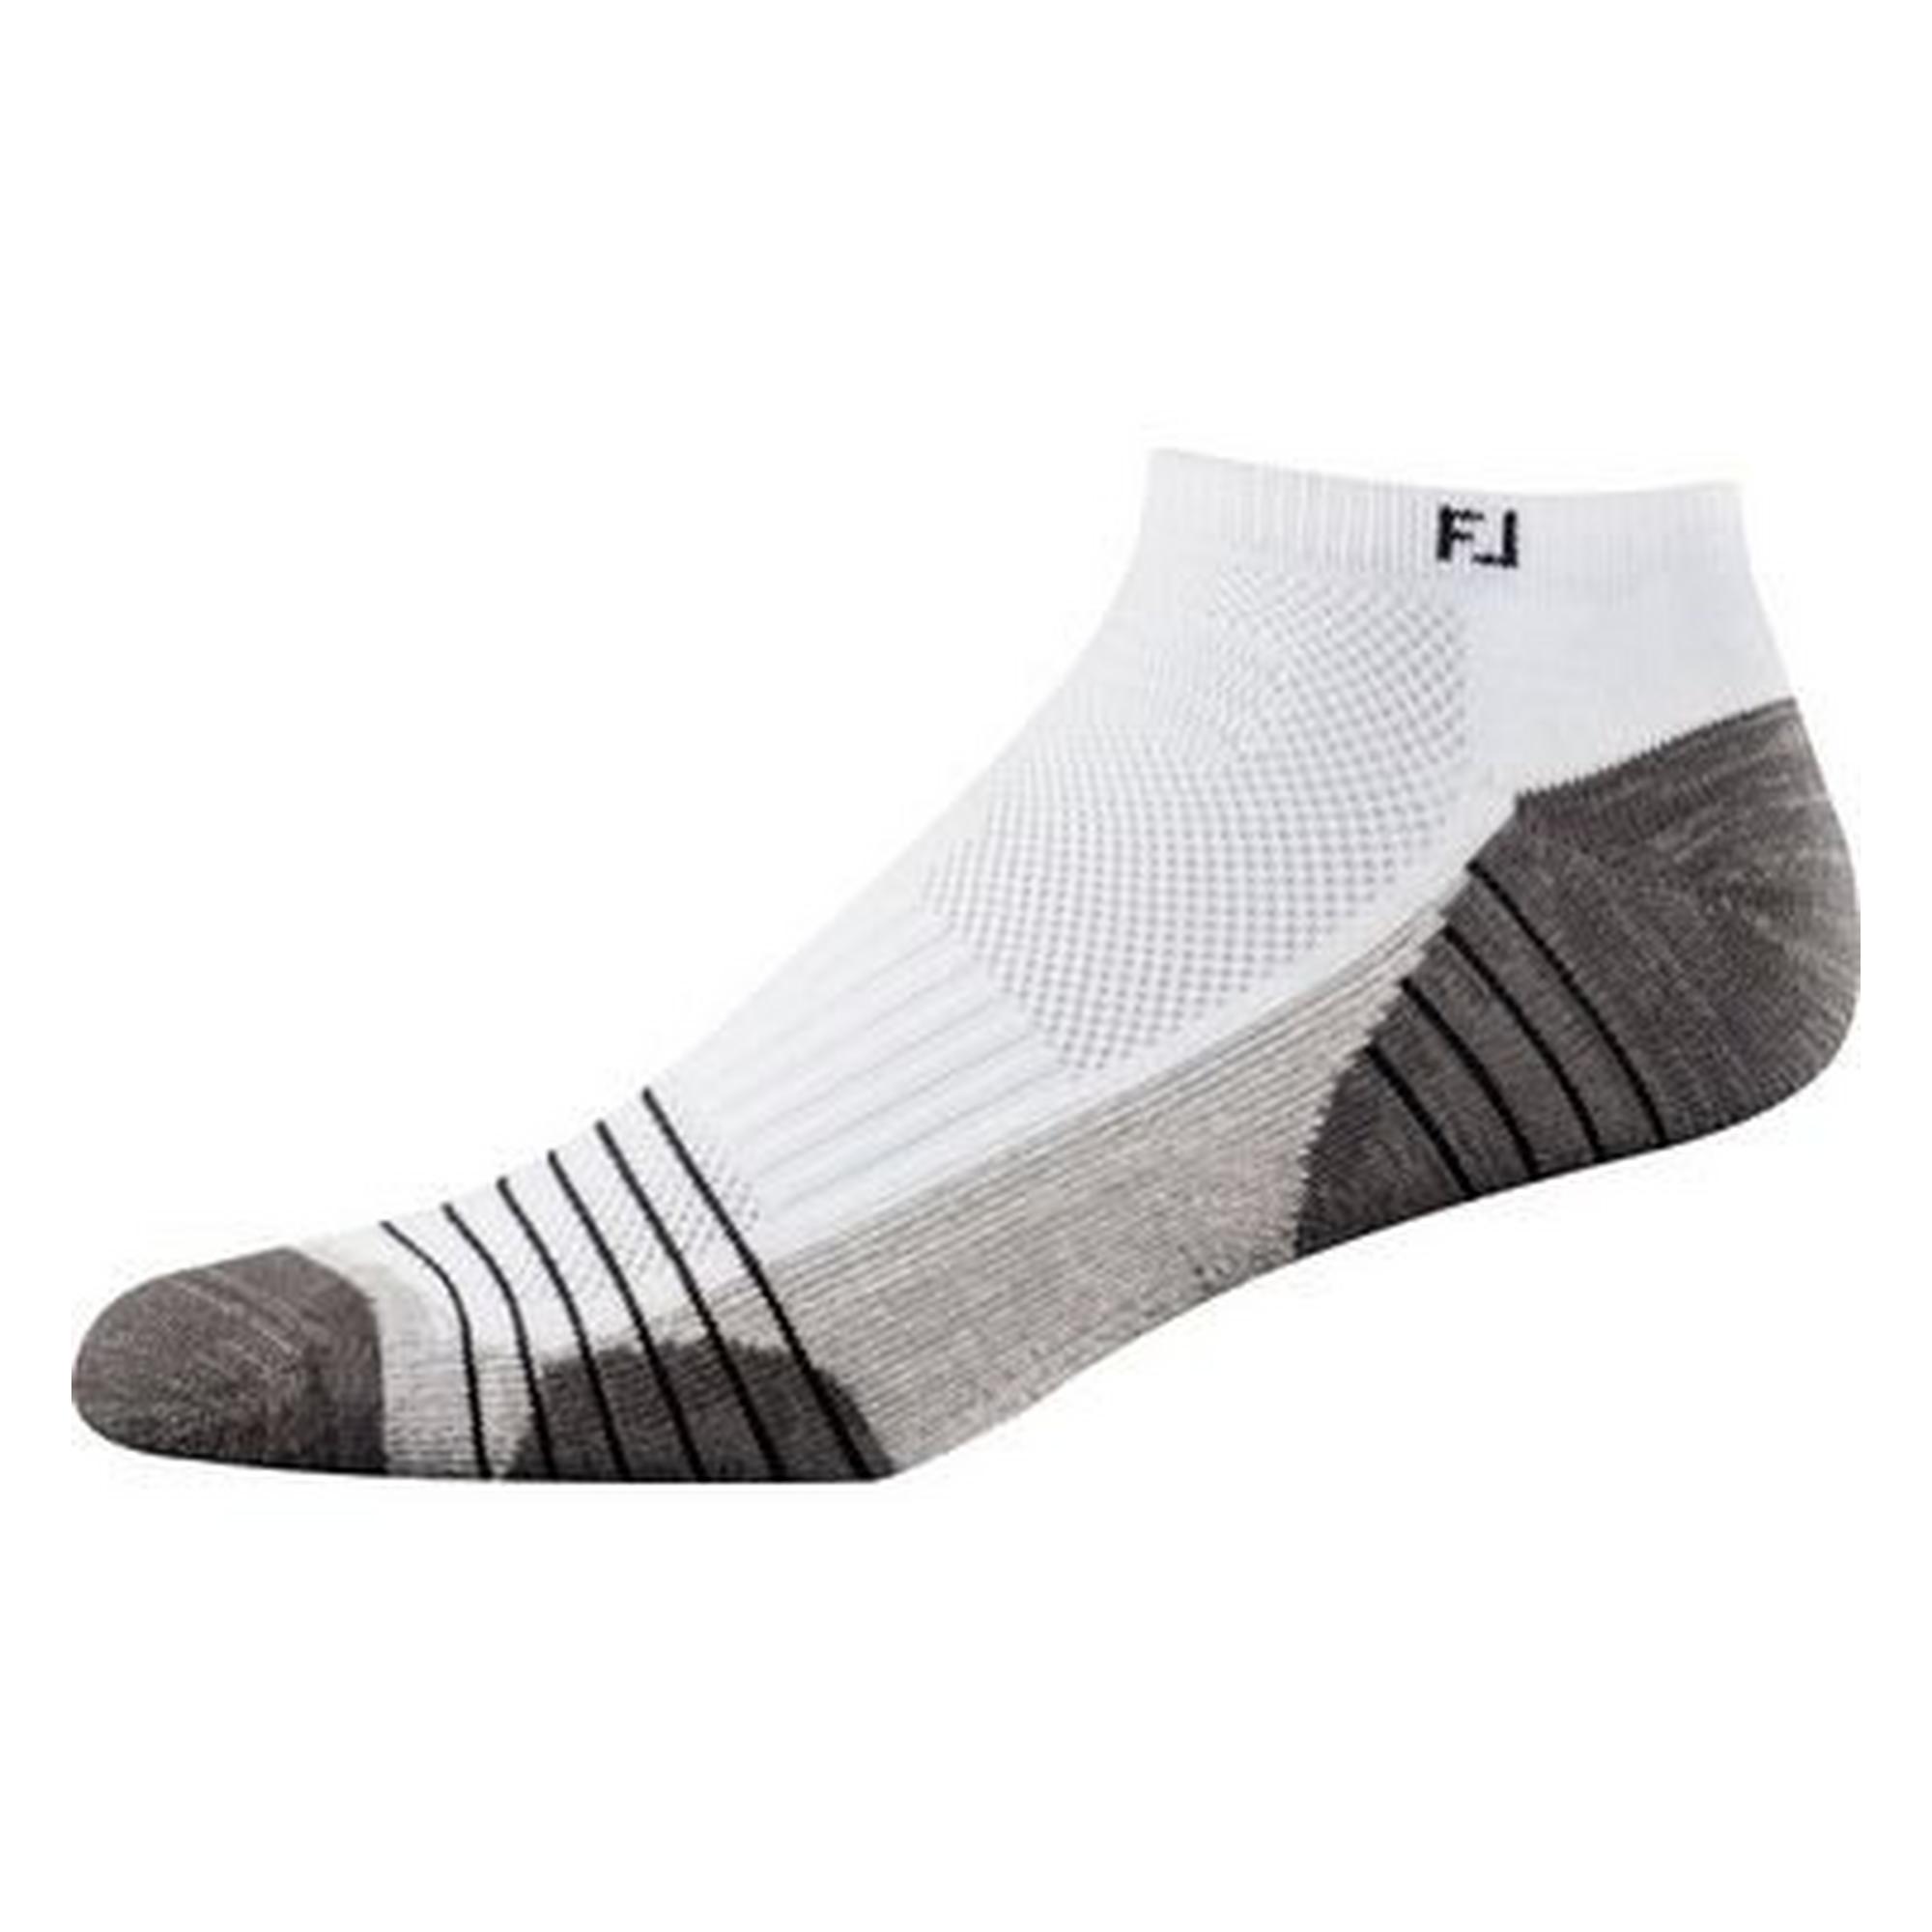 Men's TechSof Tour Ankle Socks